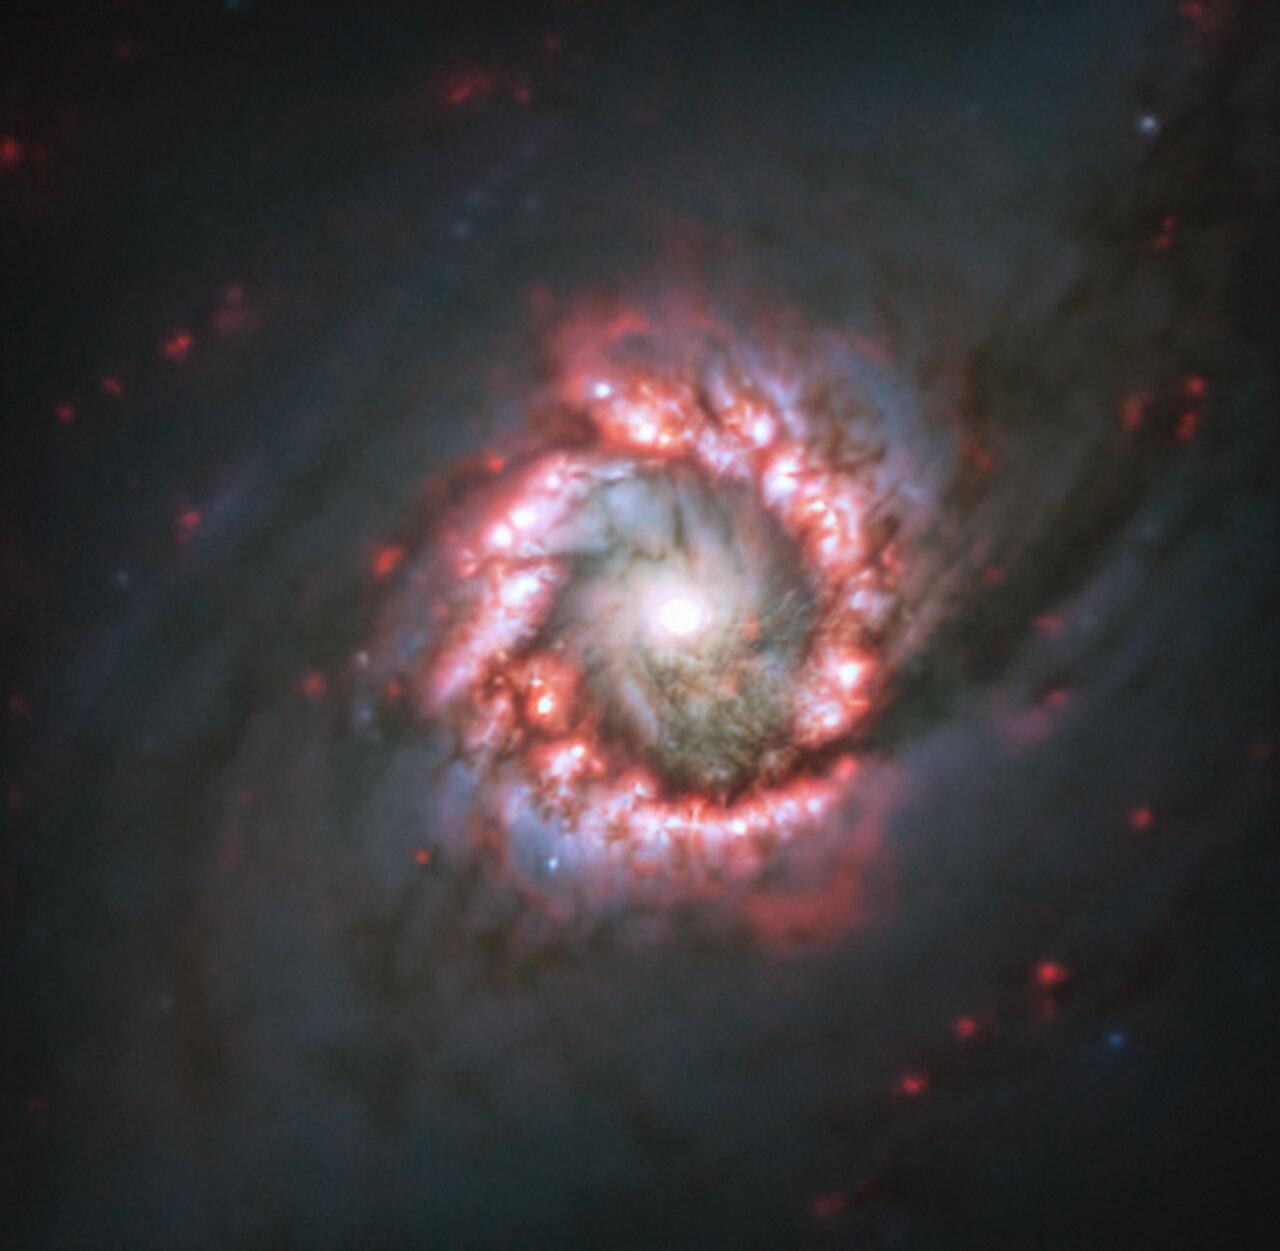 Зоряна троянда навколо надмасивної чорної діри